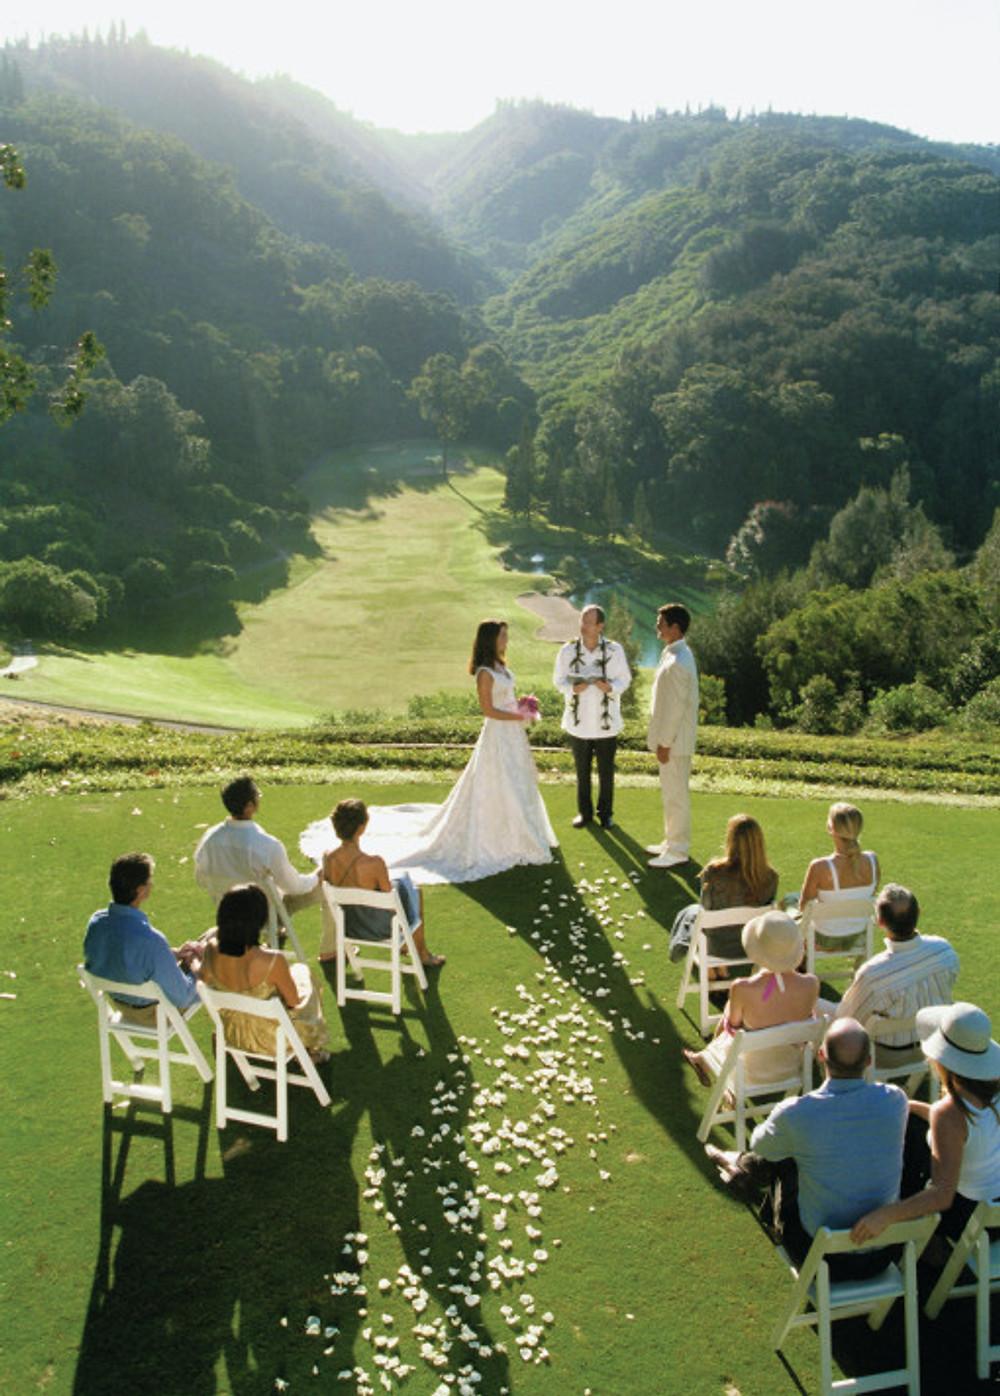 Four Seasons Resort Lodge at Koele